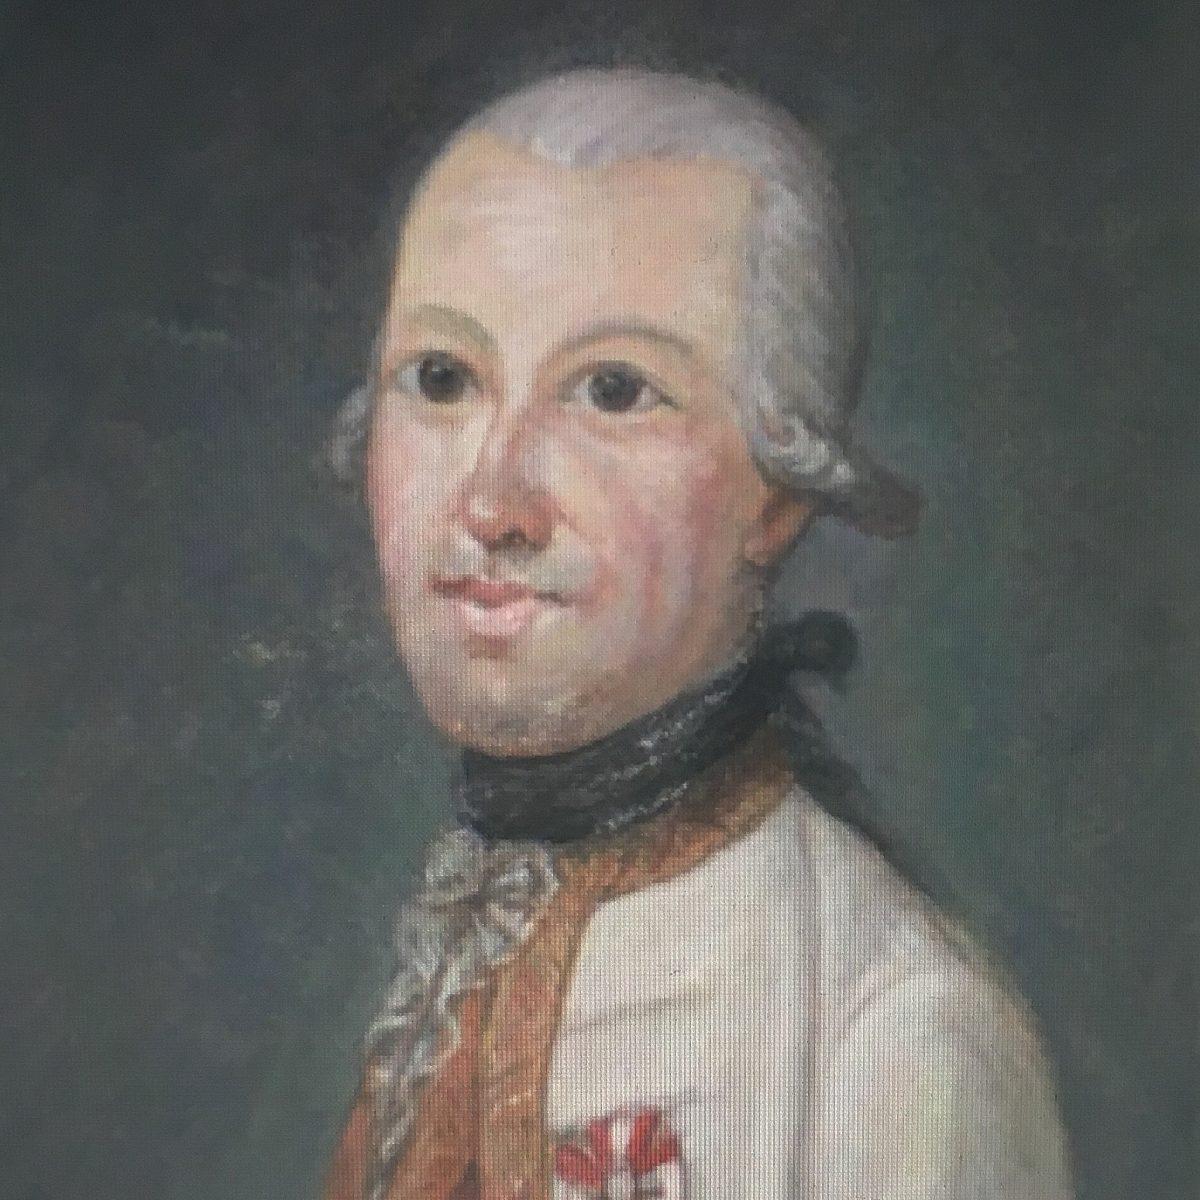 Giancarlo Pallavicini